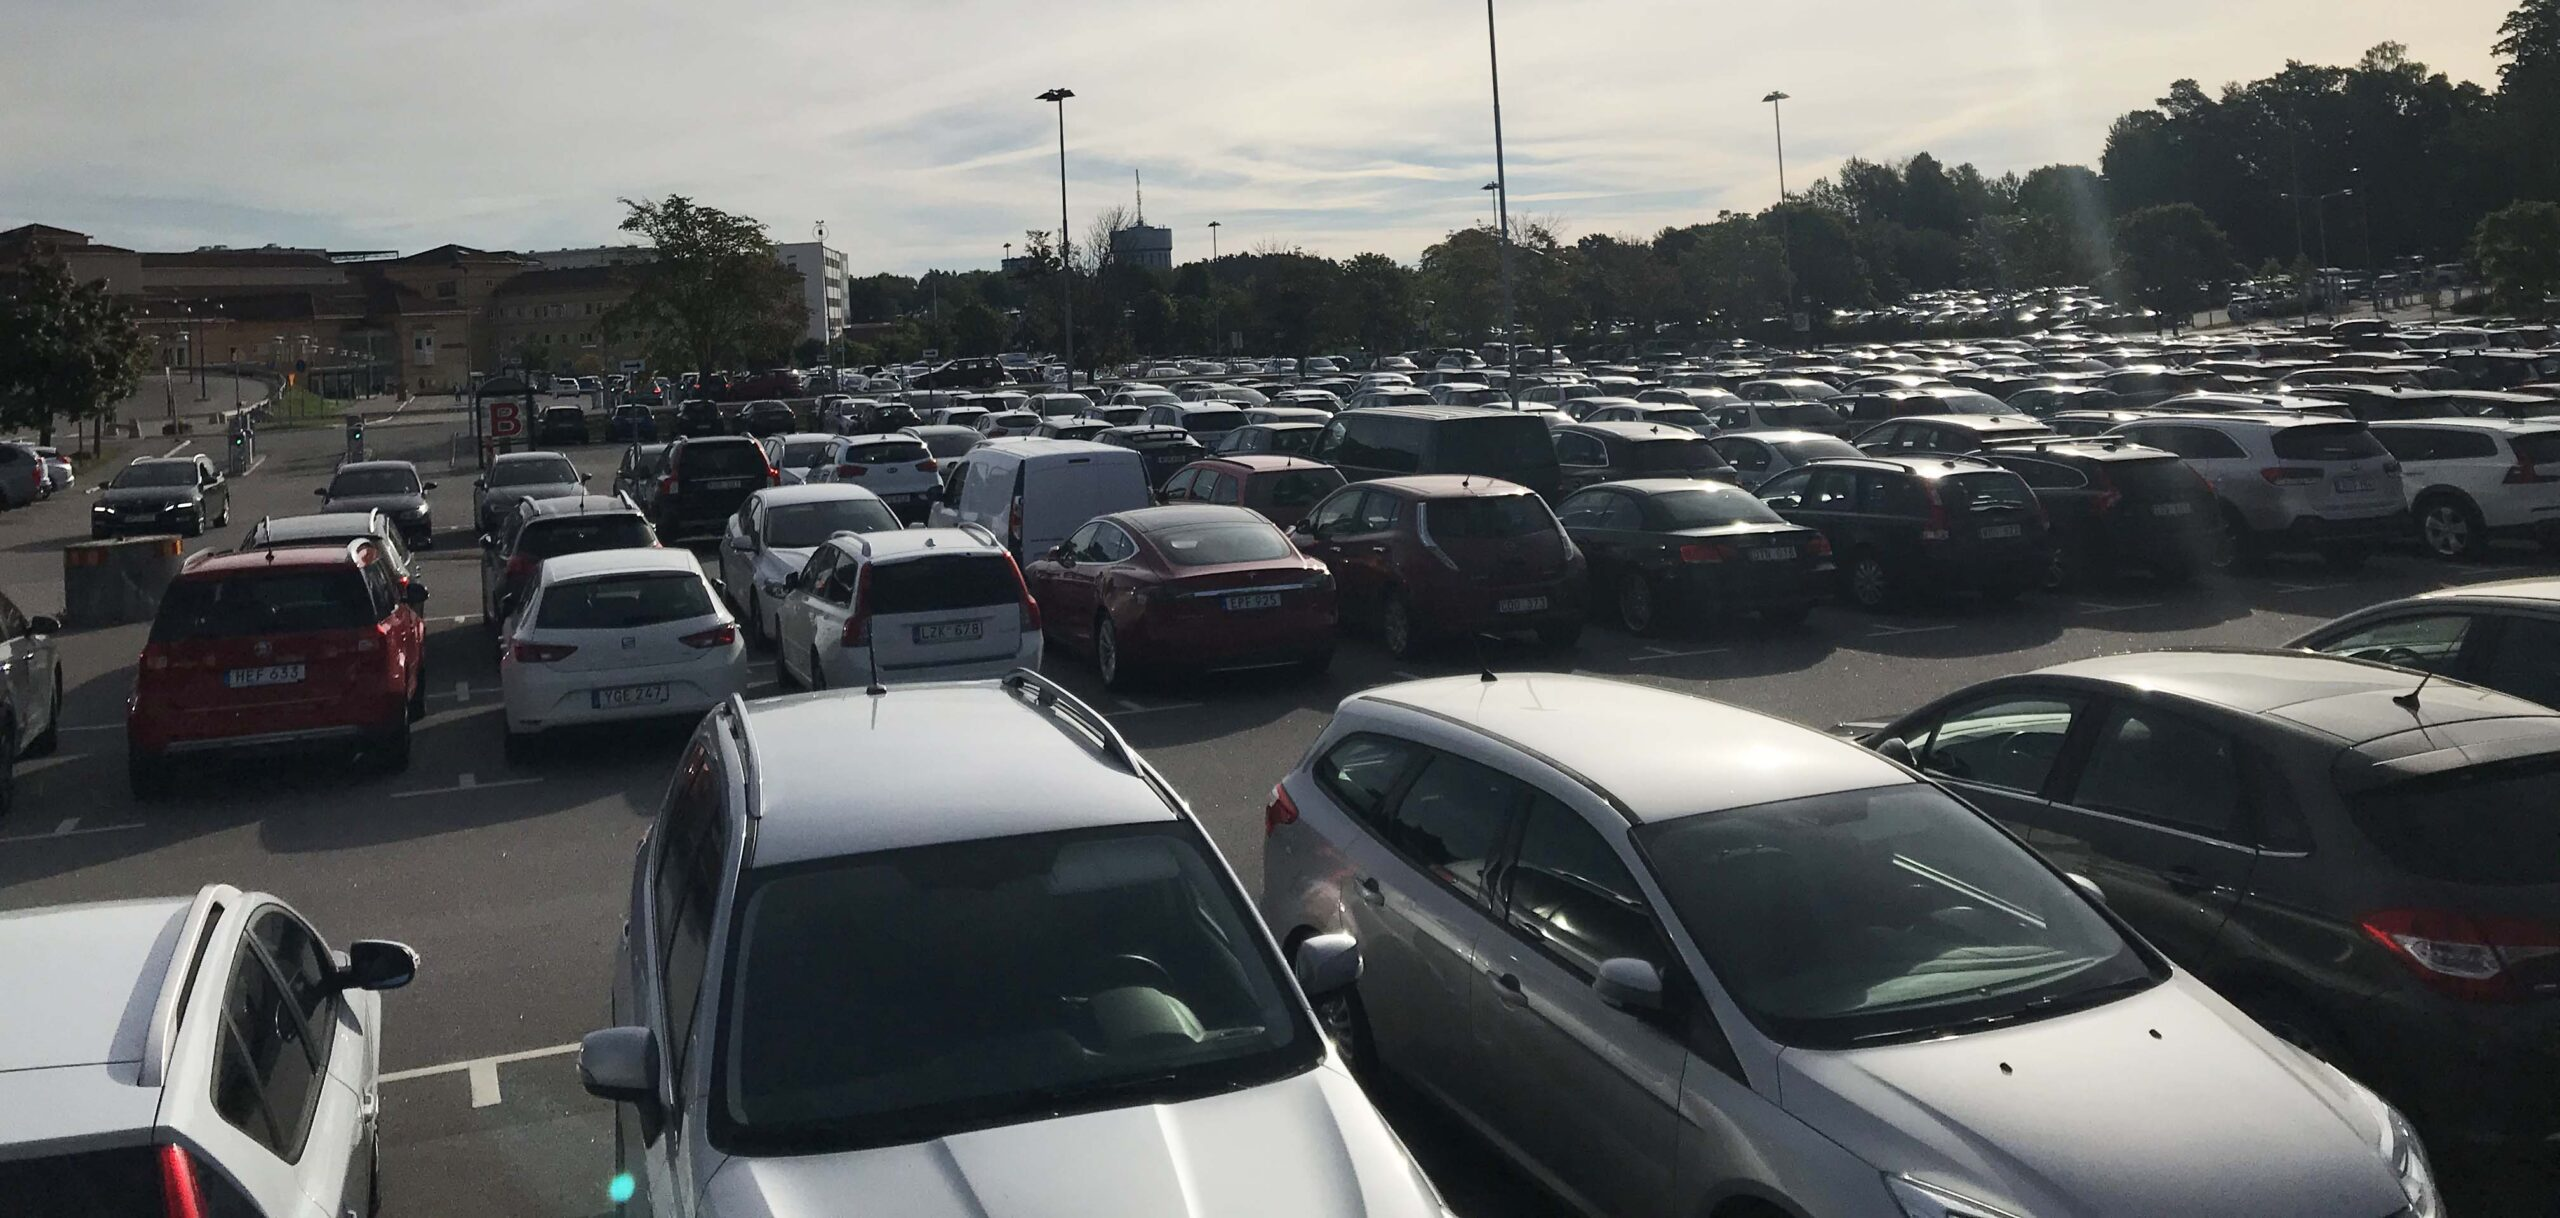 Bilden visar en parkeringsplats som kan ge upphov till låg avdunstning och därmed högre temperaturer än mer permeabla ytor.